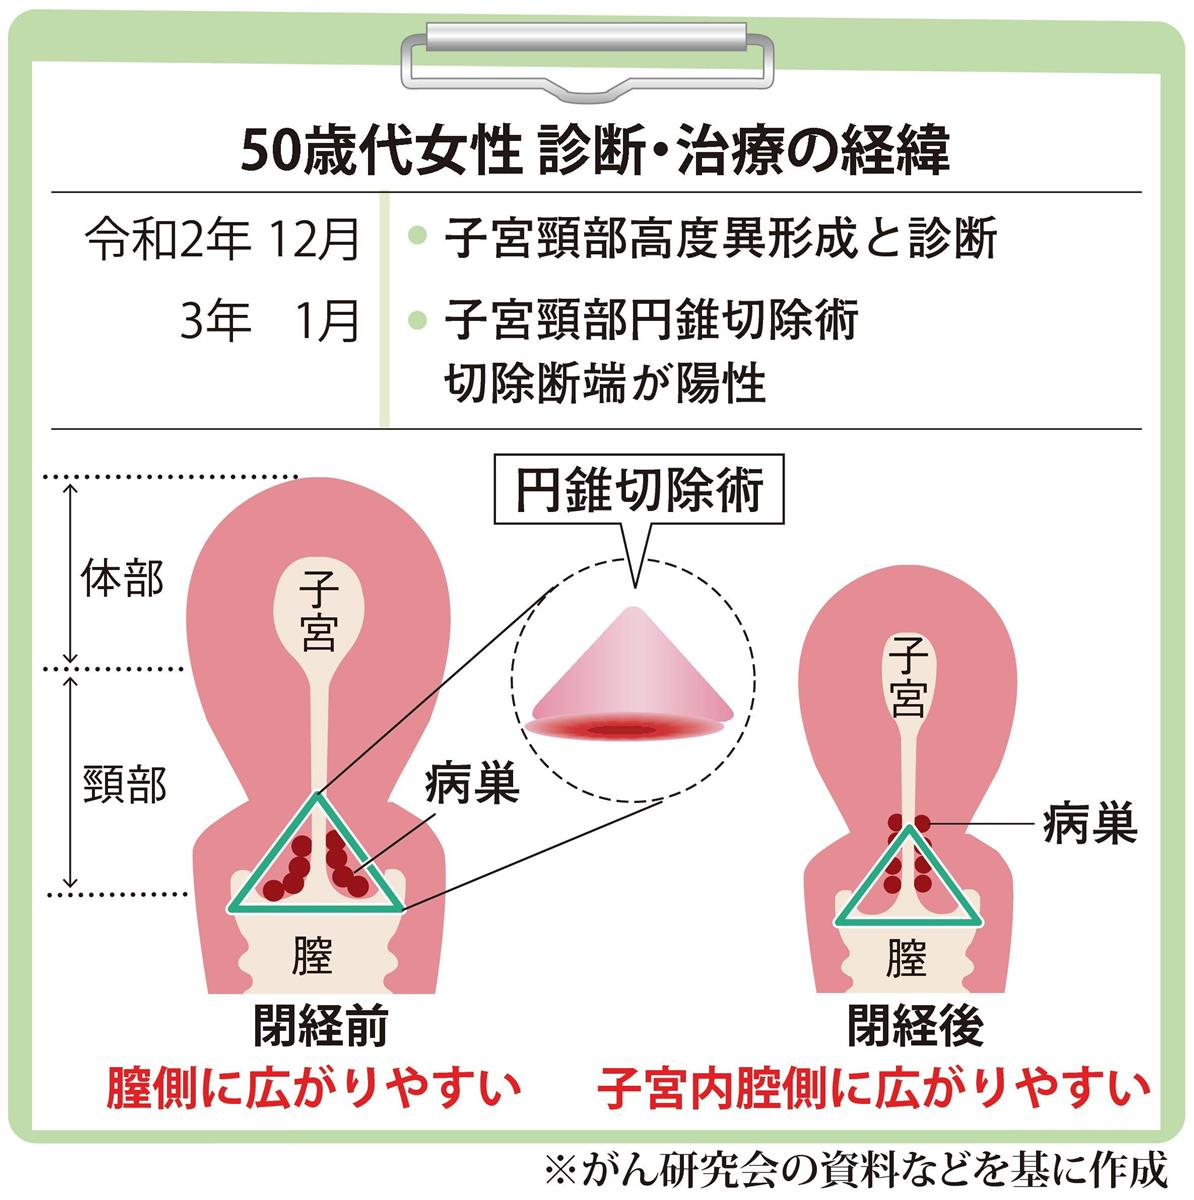 【がん電話相談から】閉経後の子宮頸部円錐切除術で病巣が残った? 経過観察か子宮全摘出か